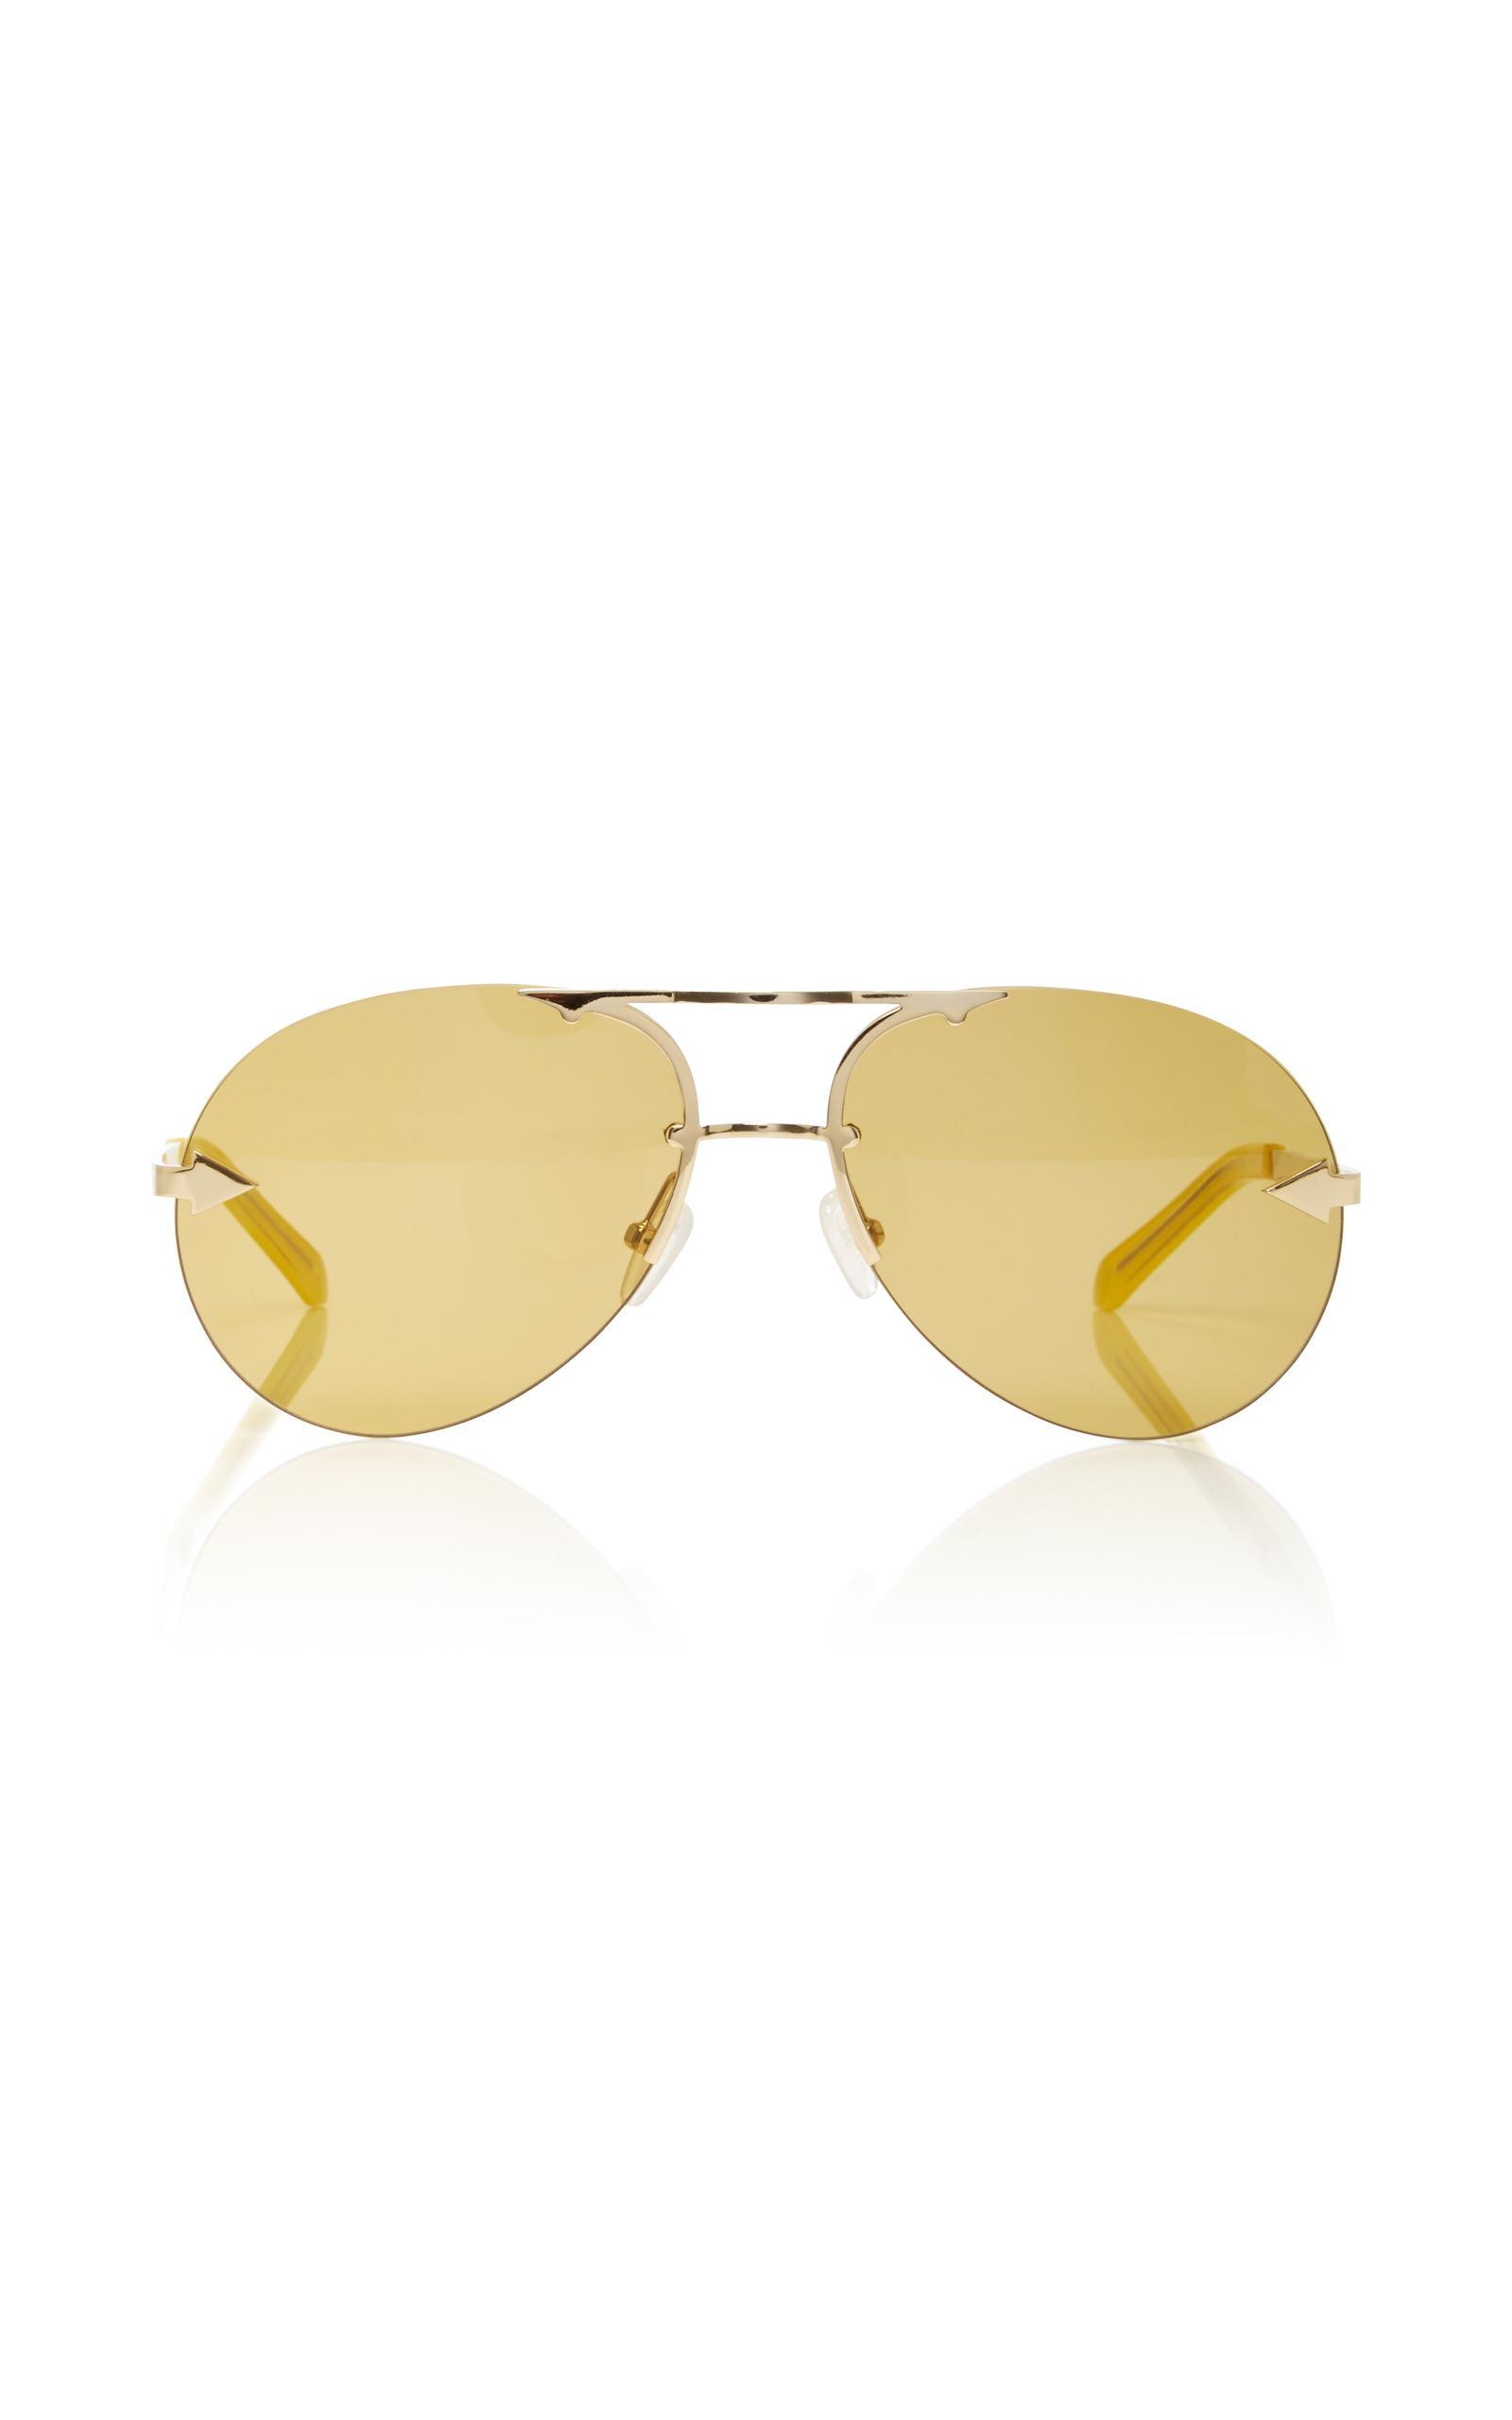 Womens Love Hangover Sunglasses Karen Walker 2e4ha5n7o